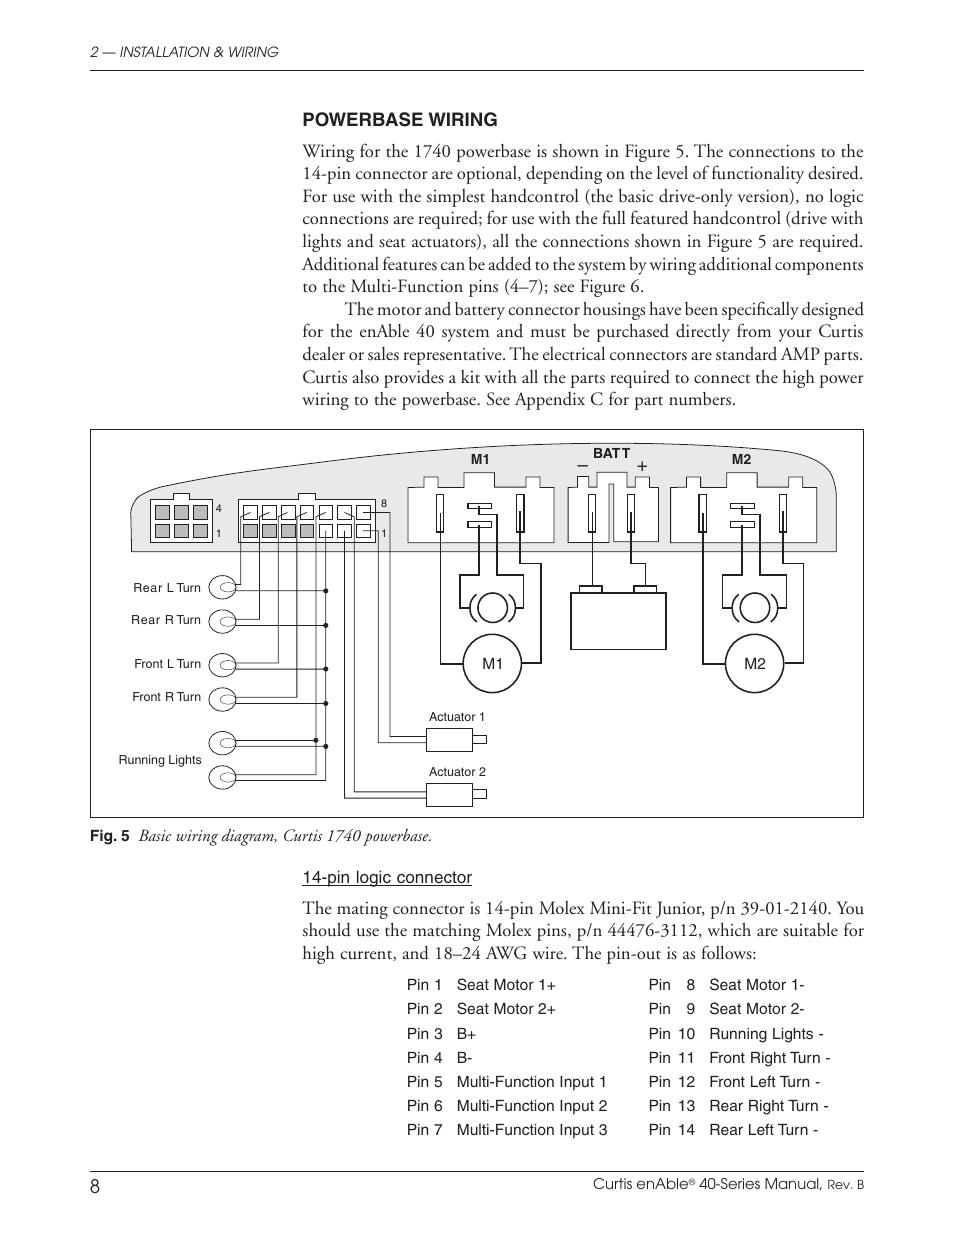 Curtis Enable 40 User Manual Page 14 66 Original Mode Wiring Diagram